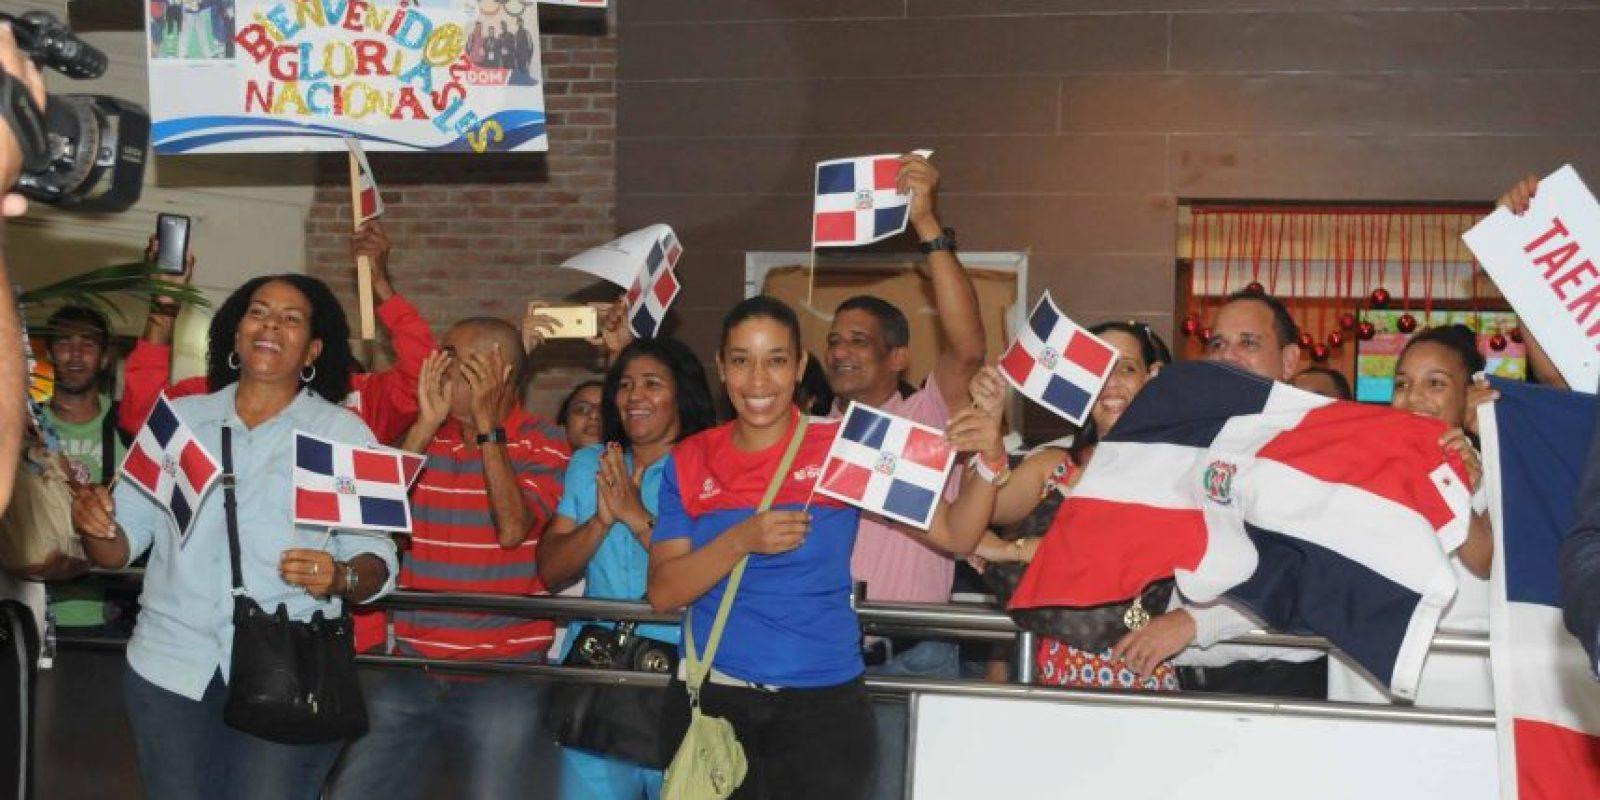 Amigos y seguidores de Luis Pie ondean banderas y aplauden al nativo de Bayaguana. Foto:Fuente externa